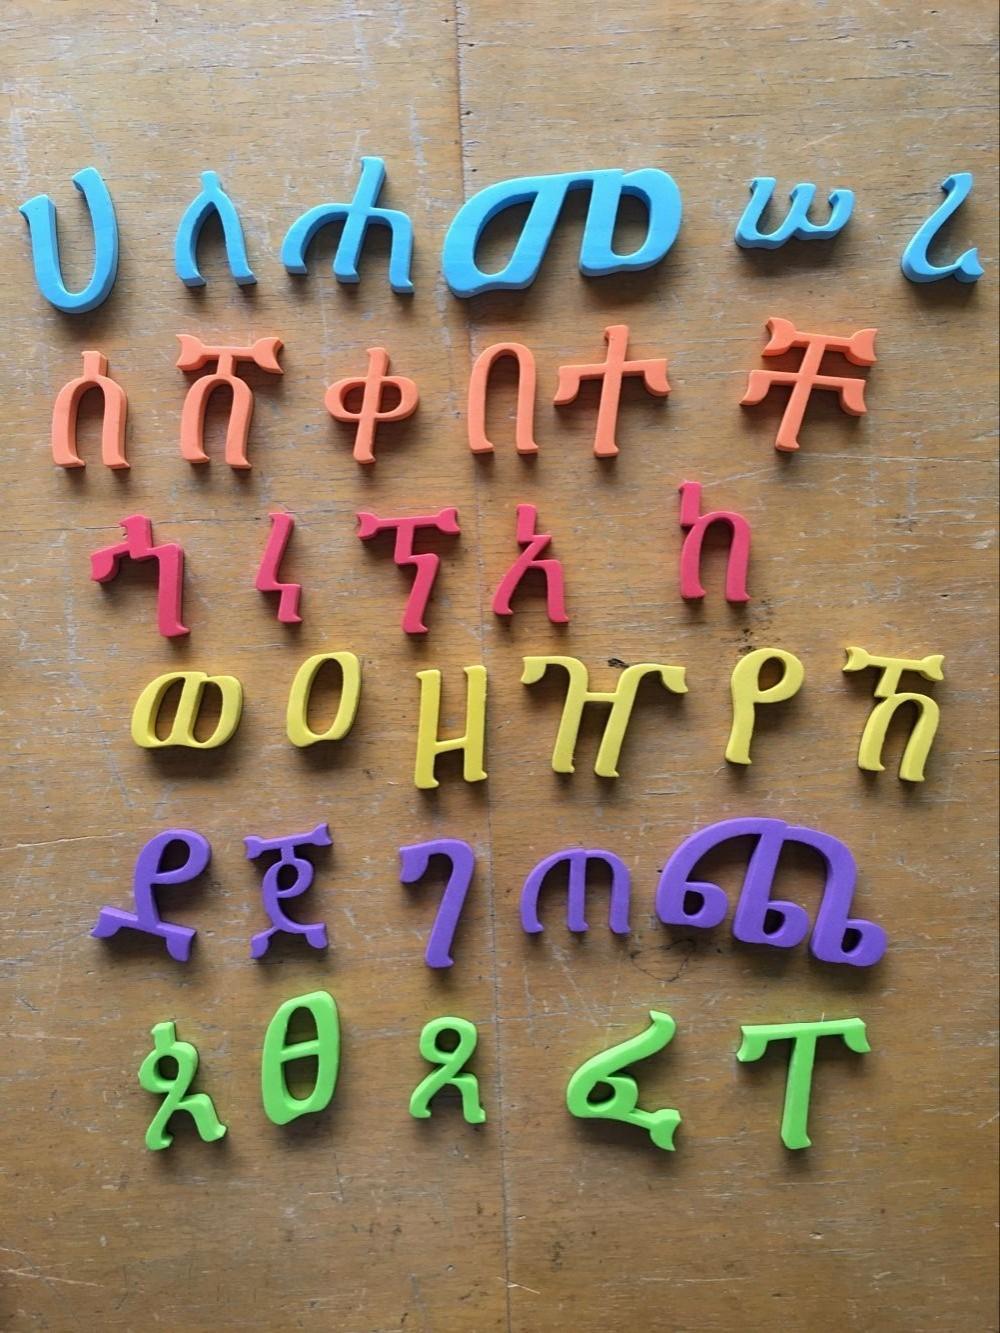 Magnetic Fridge Magnet Ethiopic Alphabet Amharic Letter Toys - Buy Amharic  Letter Toys,Magnetic Fridge Magnet Amharic Letter Toys,Ethiopic Alphabet